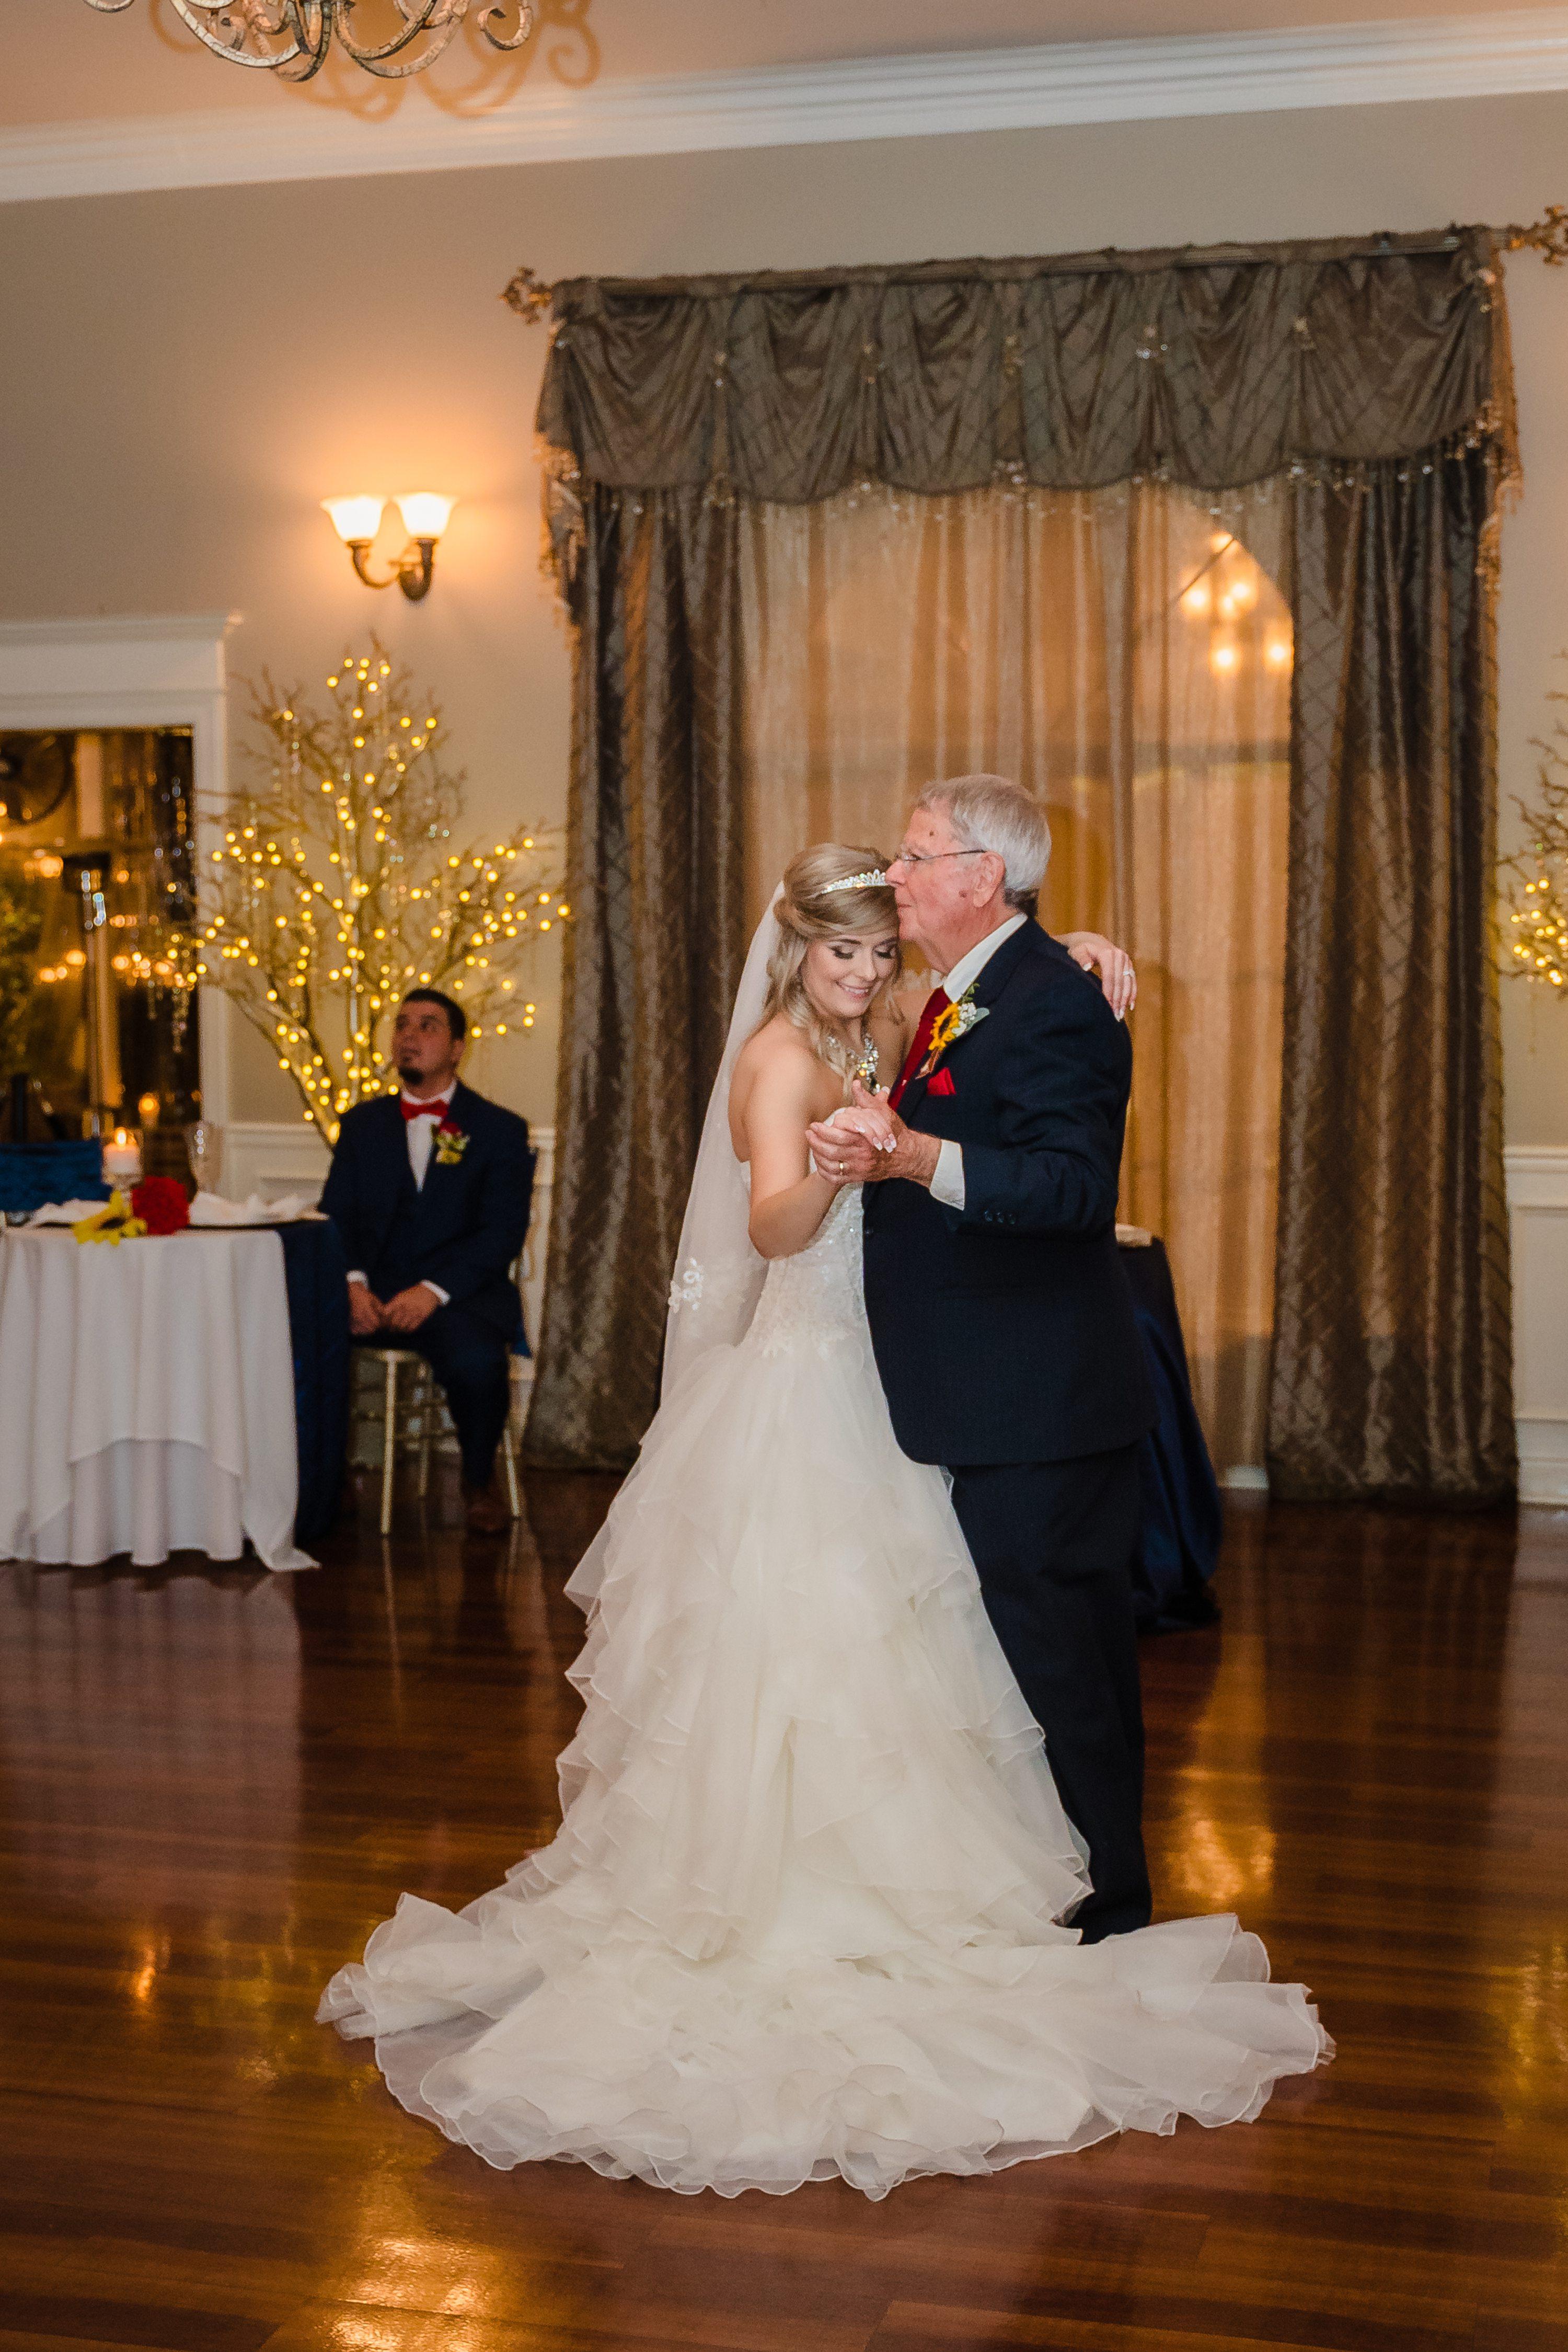 The Gatehouse wedding venue, Baton Rouge wedding photographer